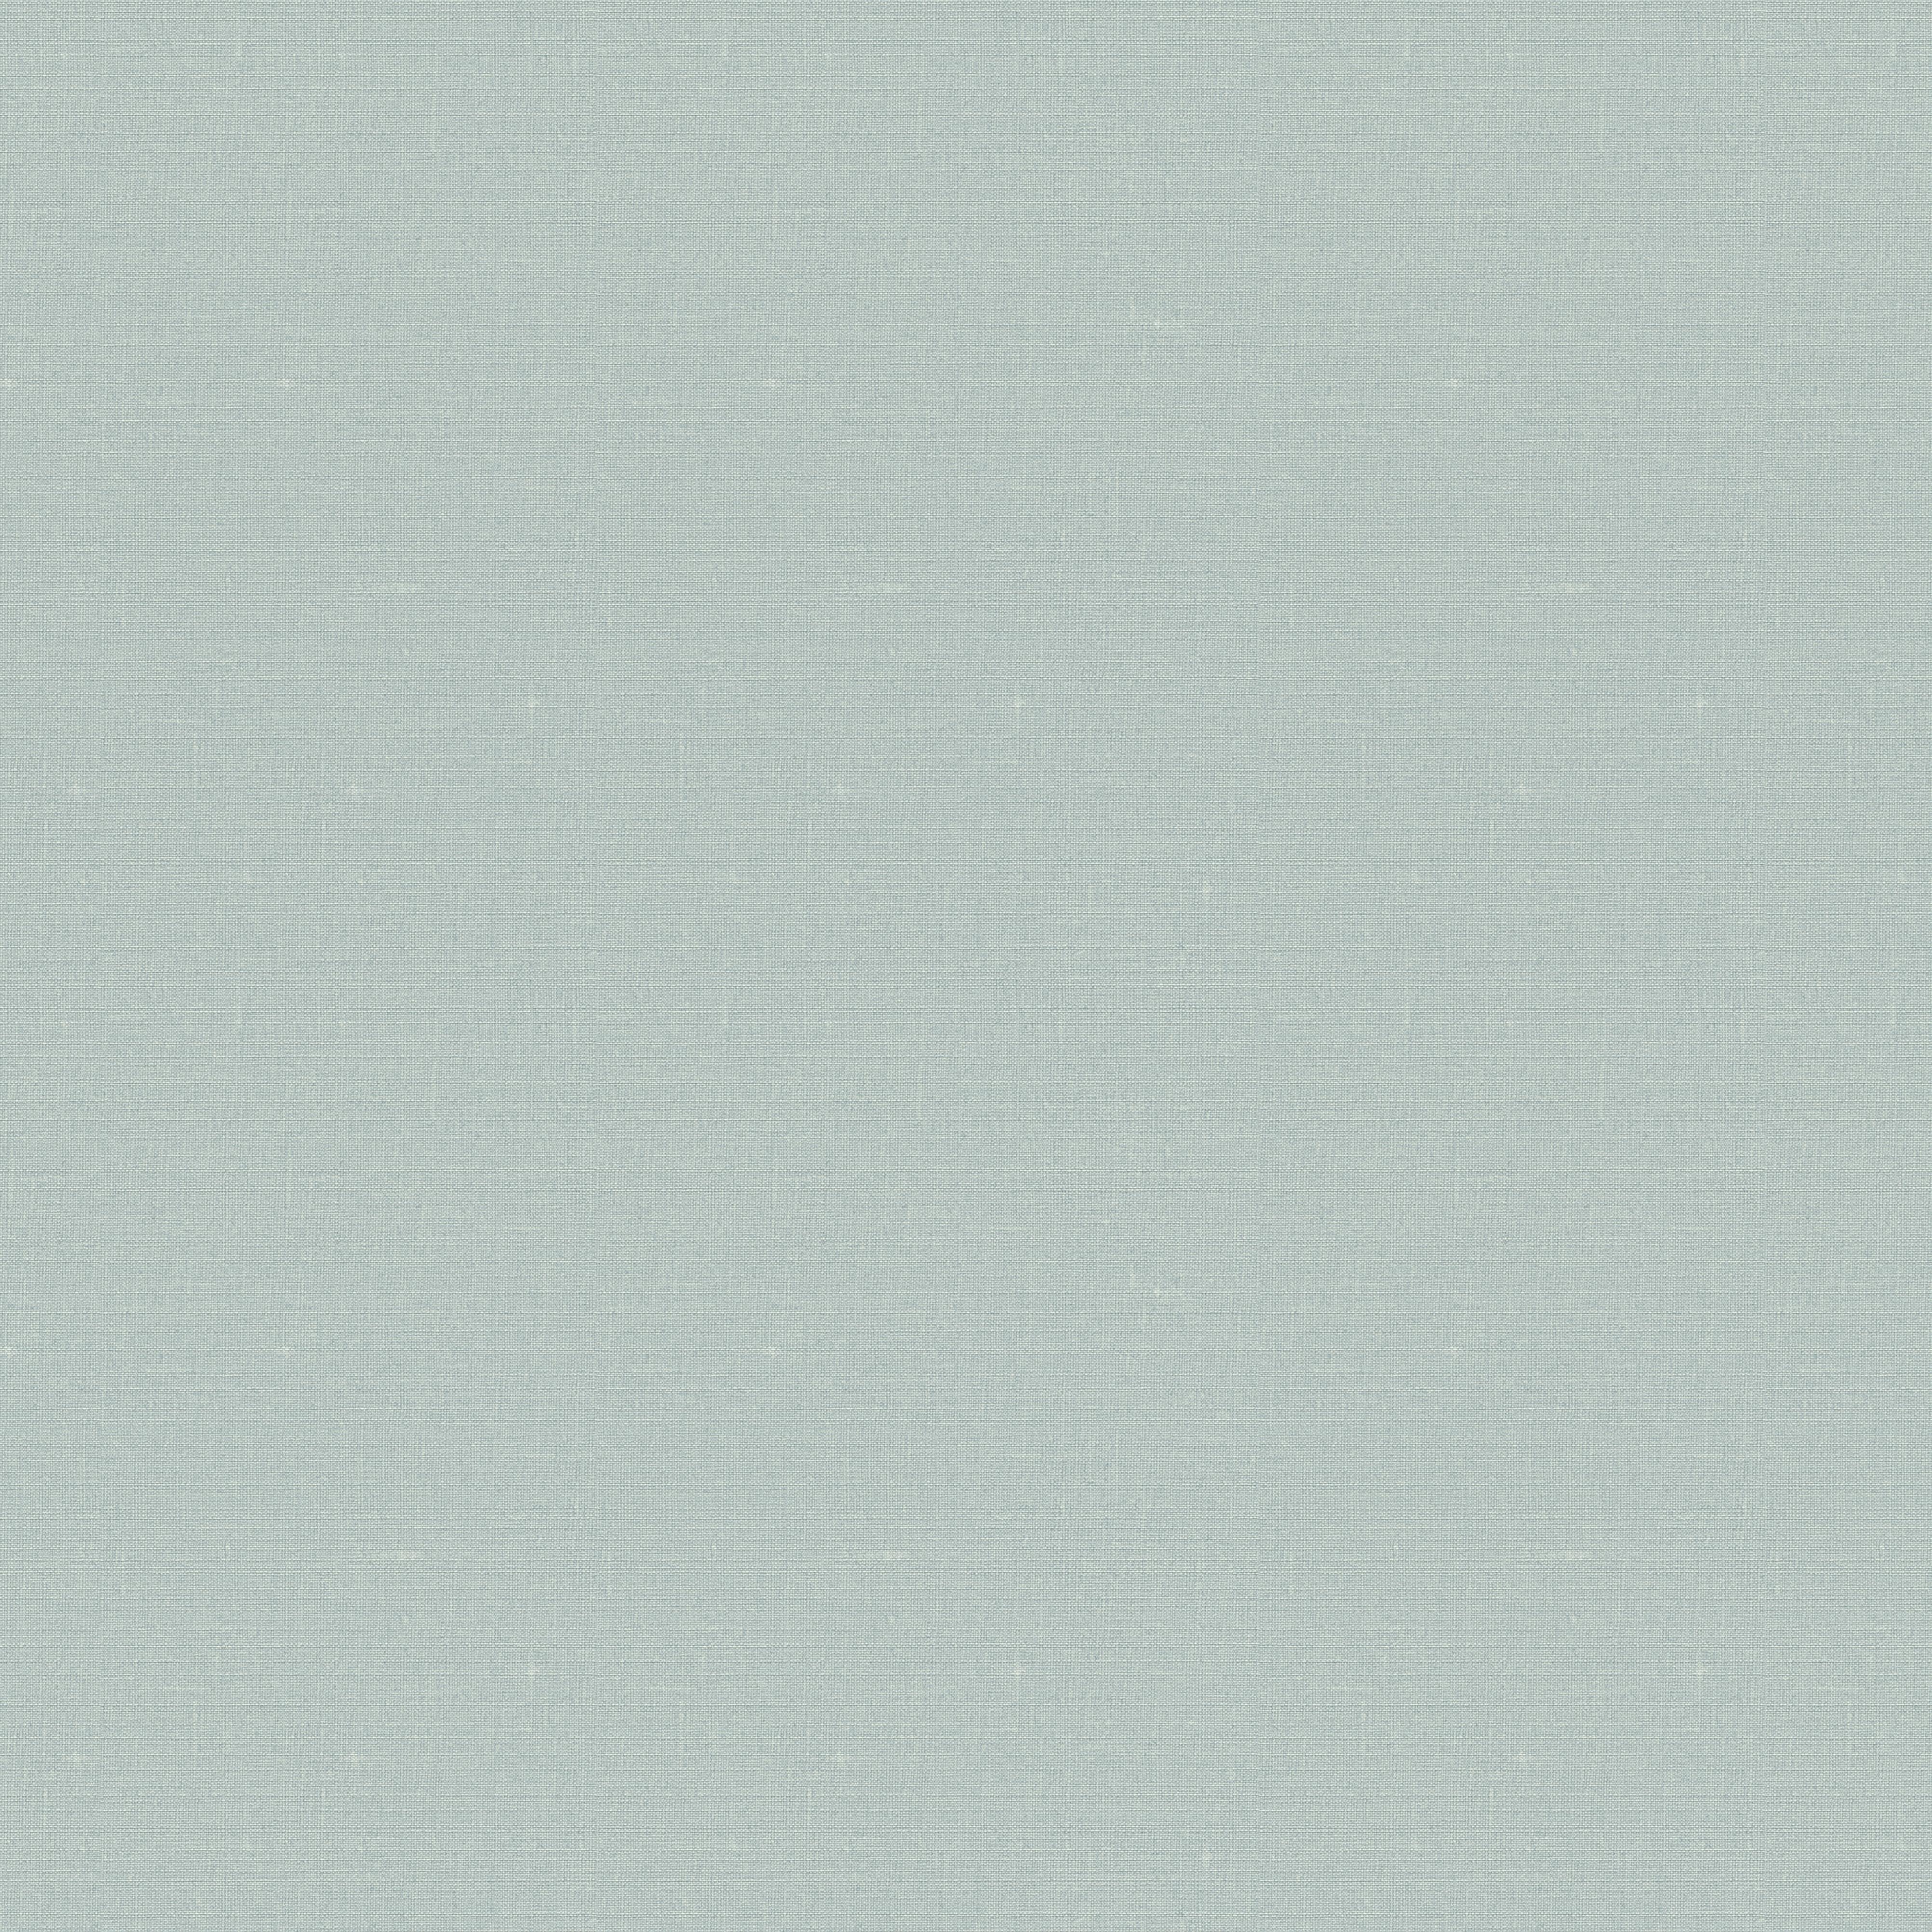 Pasztelles árnyalatú türkíz egyszínű vlies tapéta